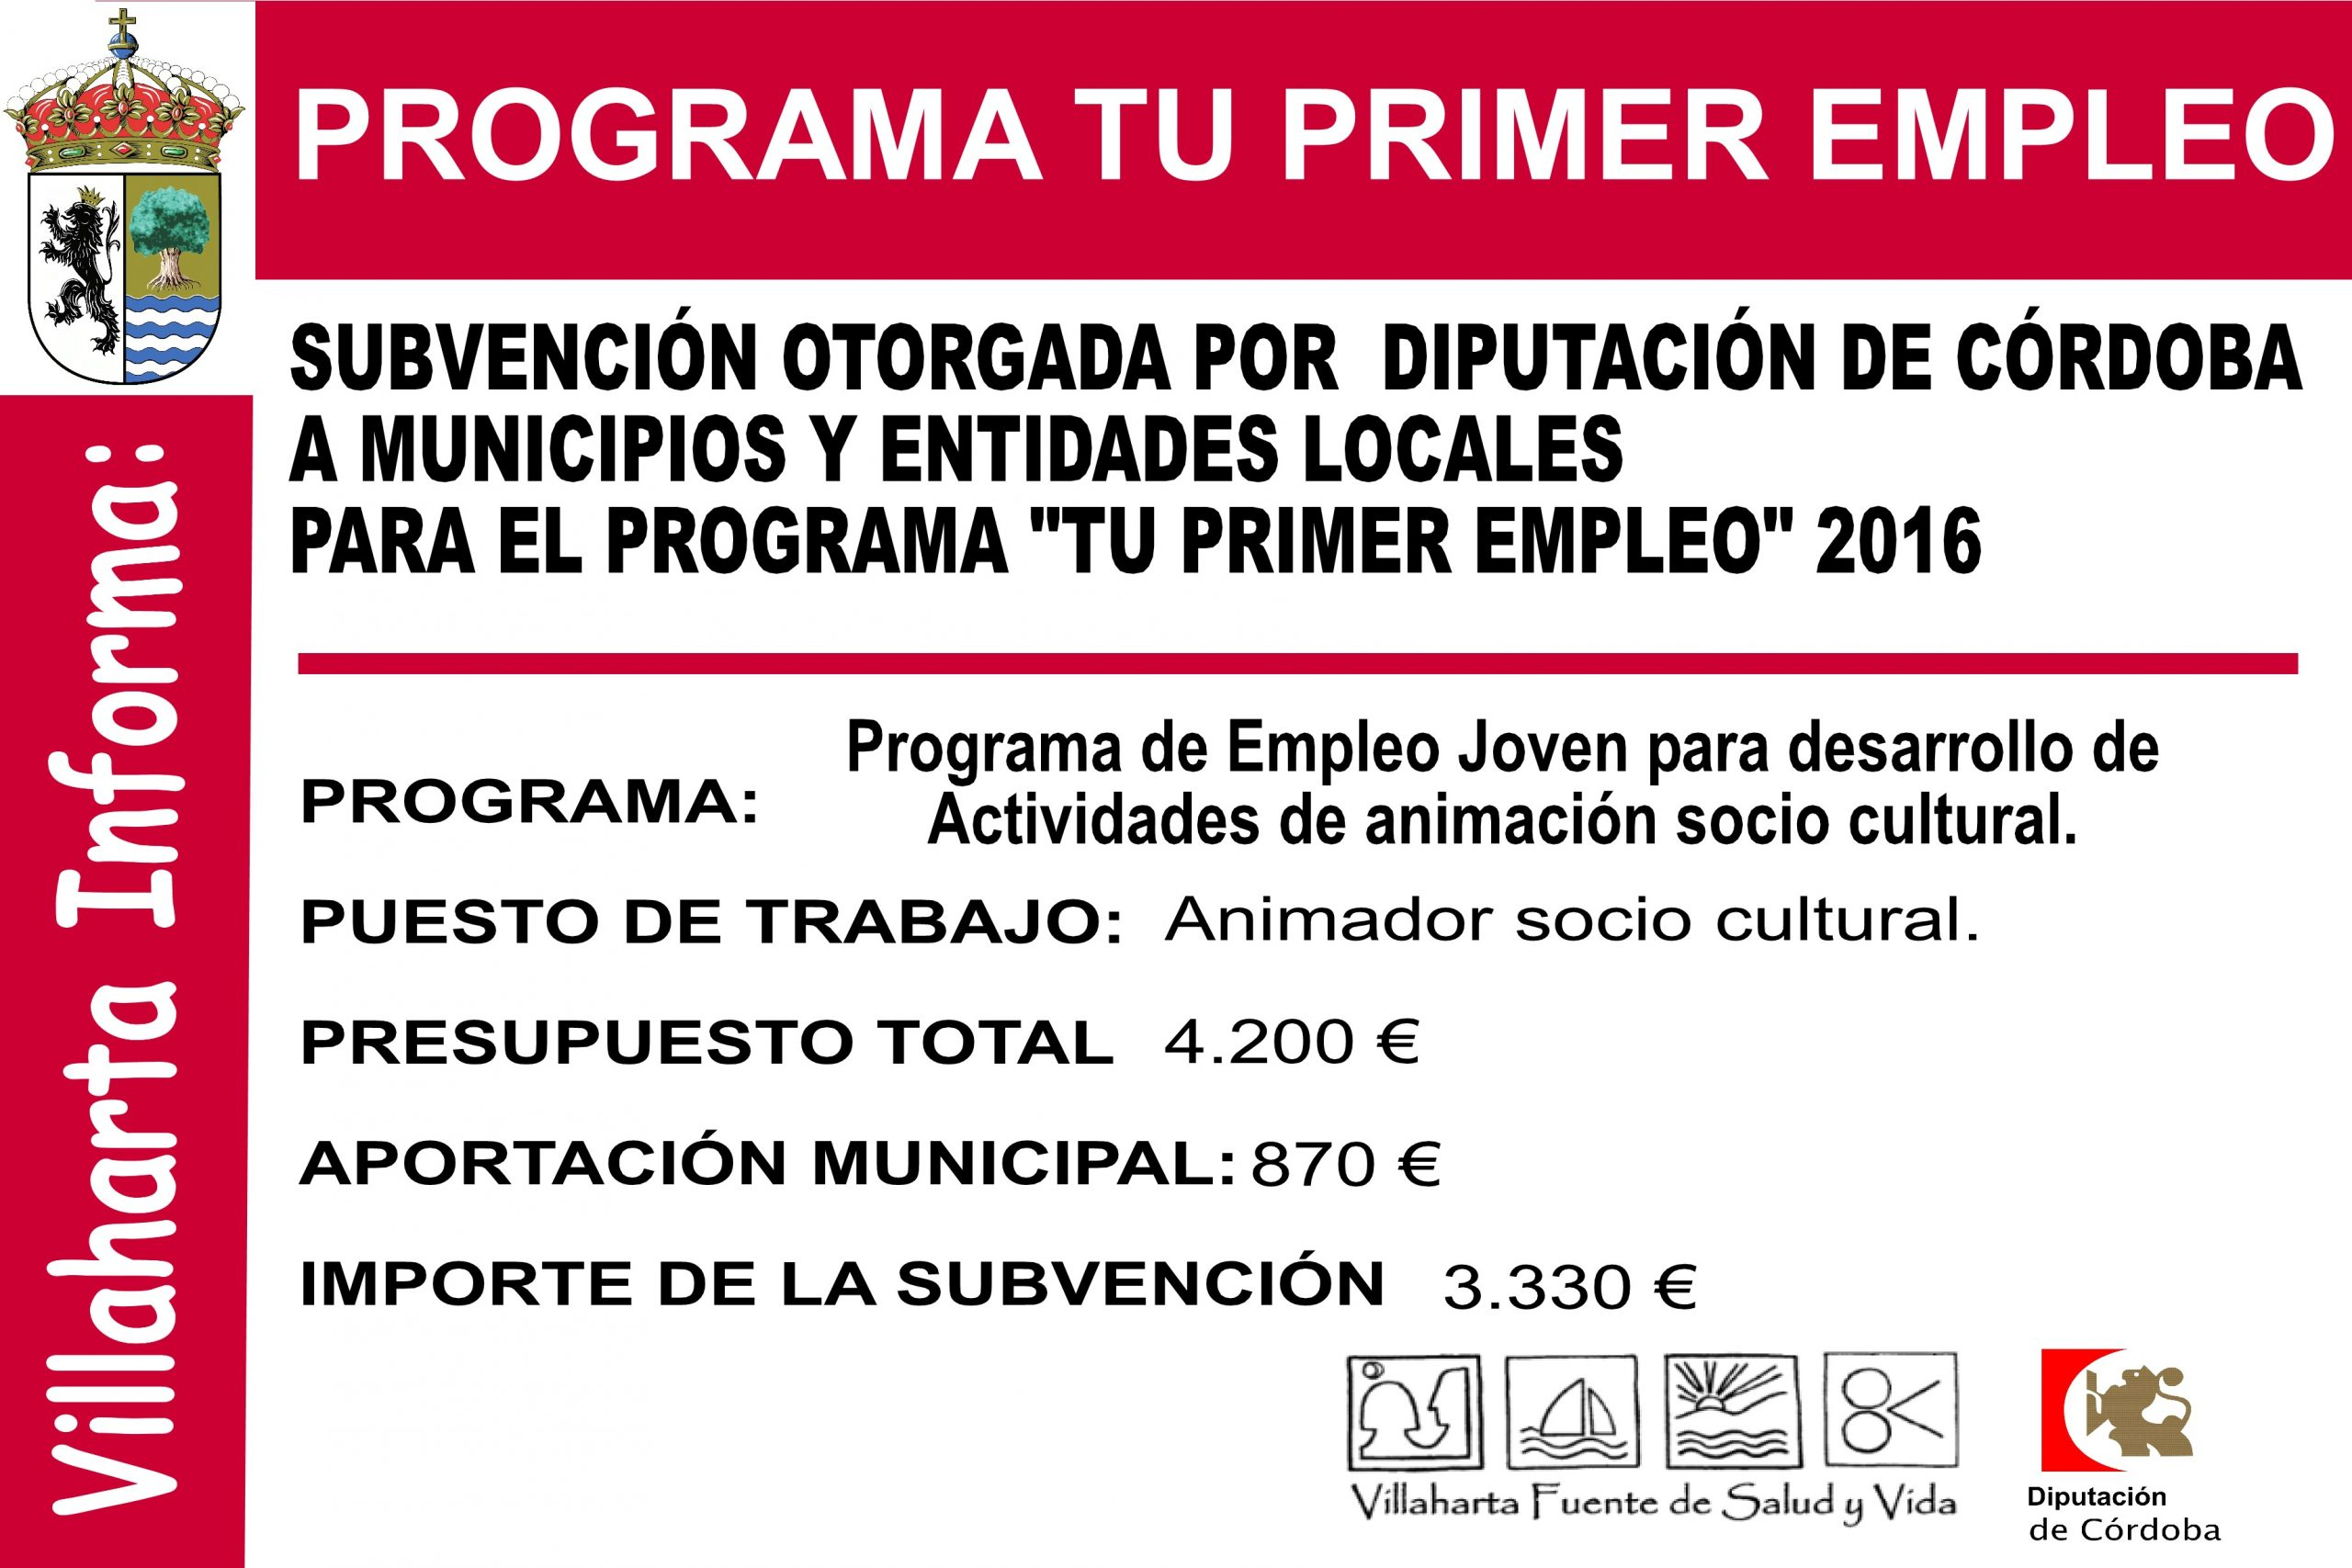 SUBVENCIONES RECIBIDAS. 2016 3